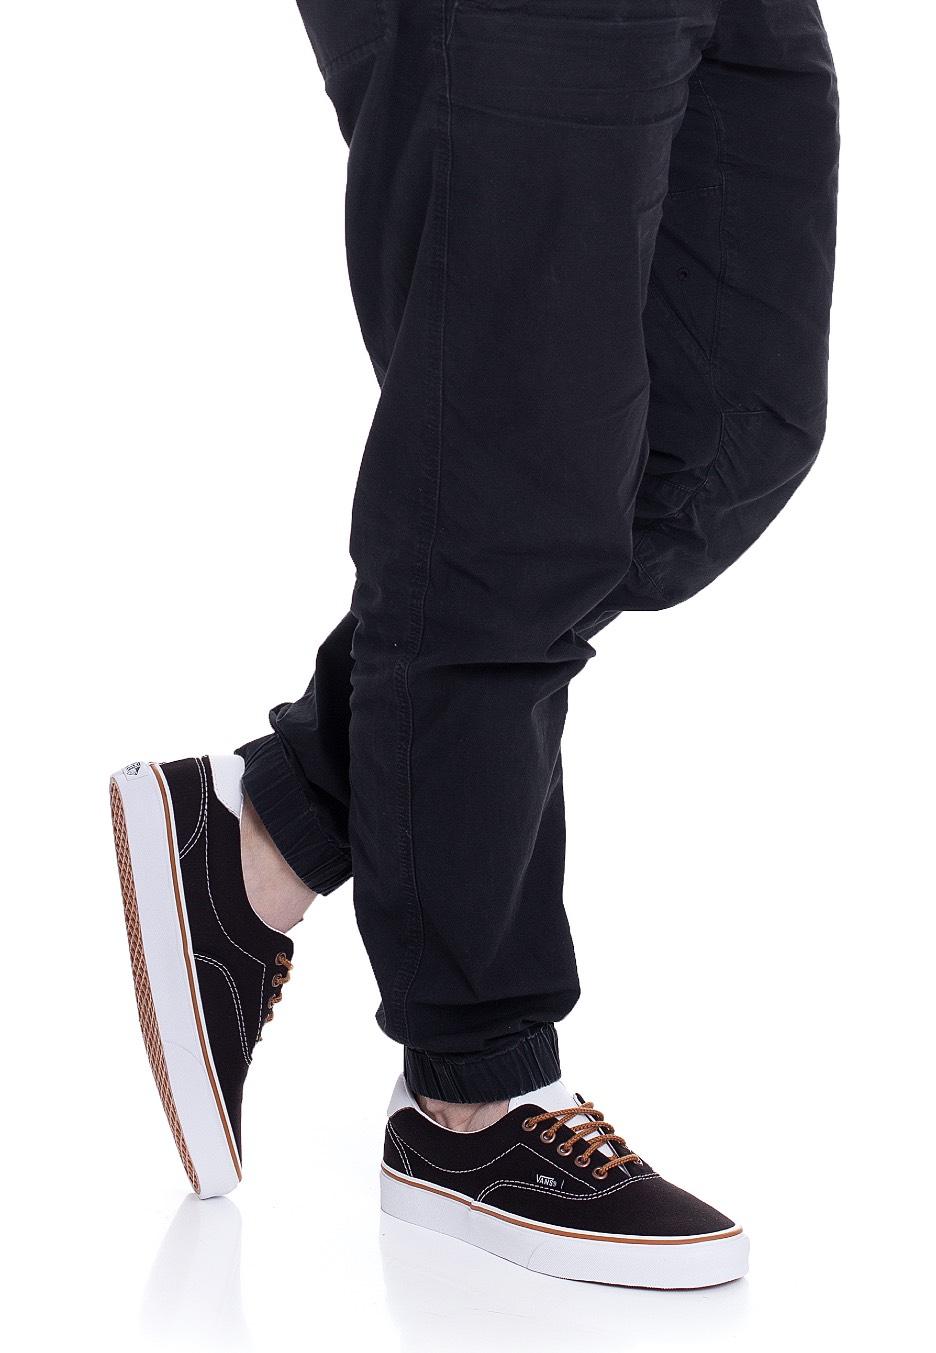 Vans - Era 59 (C&L) Black/Floral - Shoes - Impericon.com Worldwide